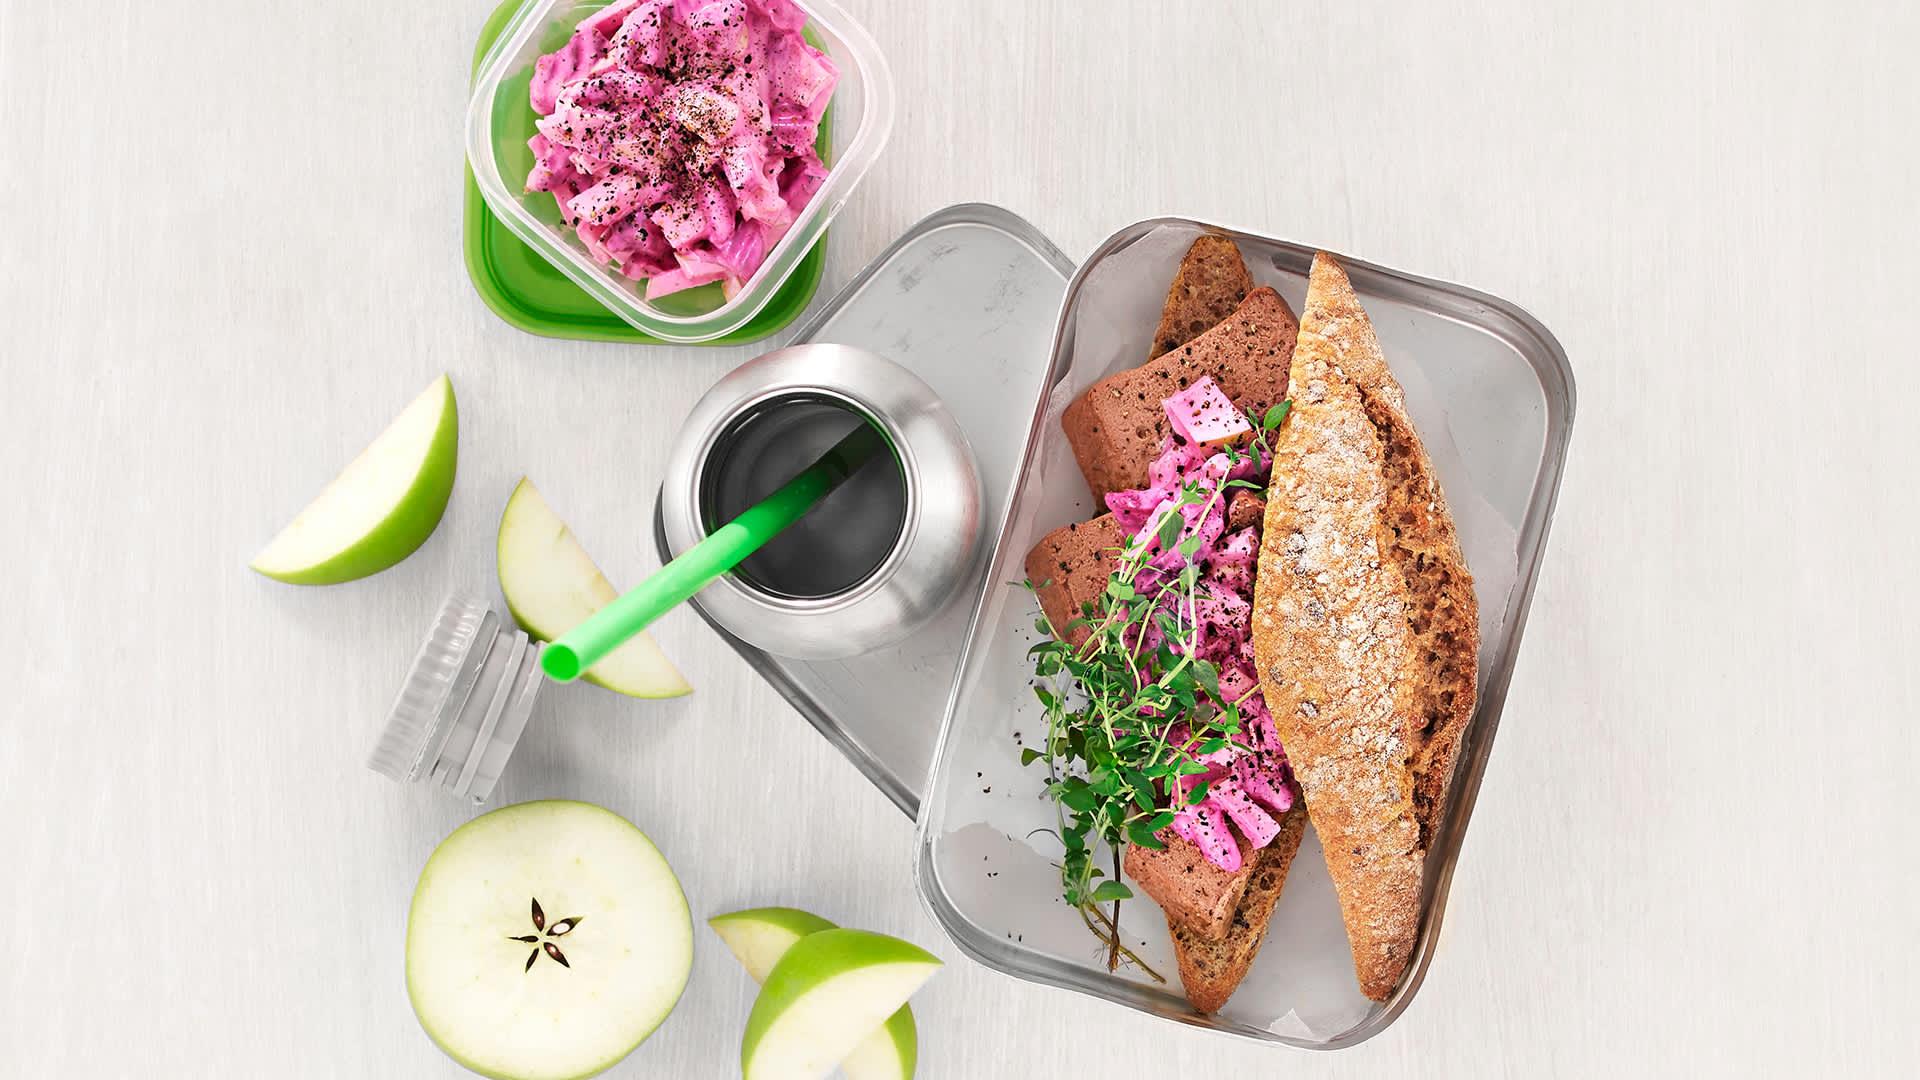 Brødskivene kan godt byttes ut med grove rundstykker i matpakken.